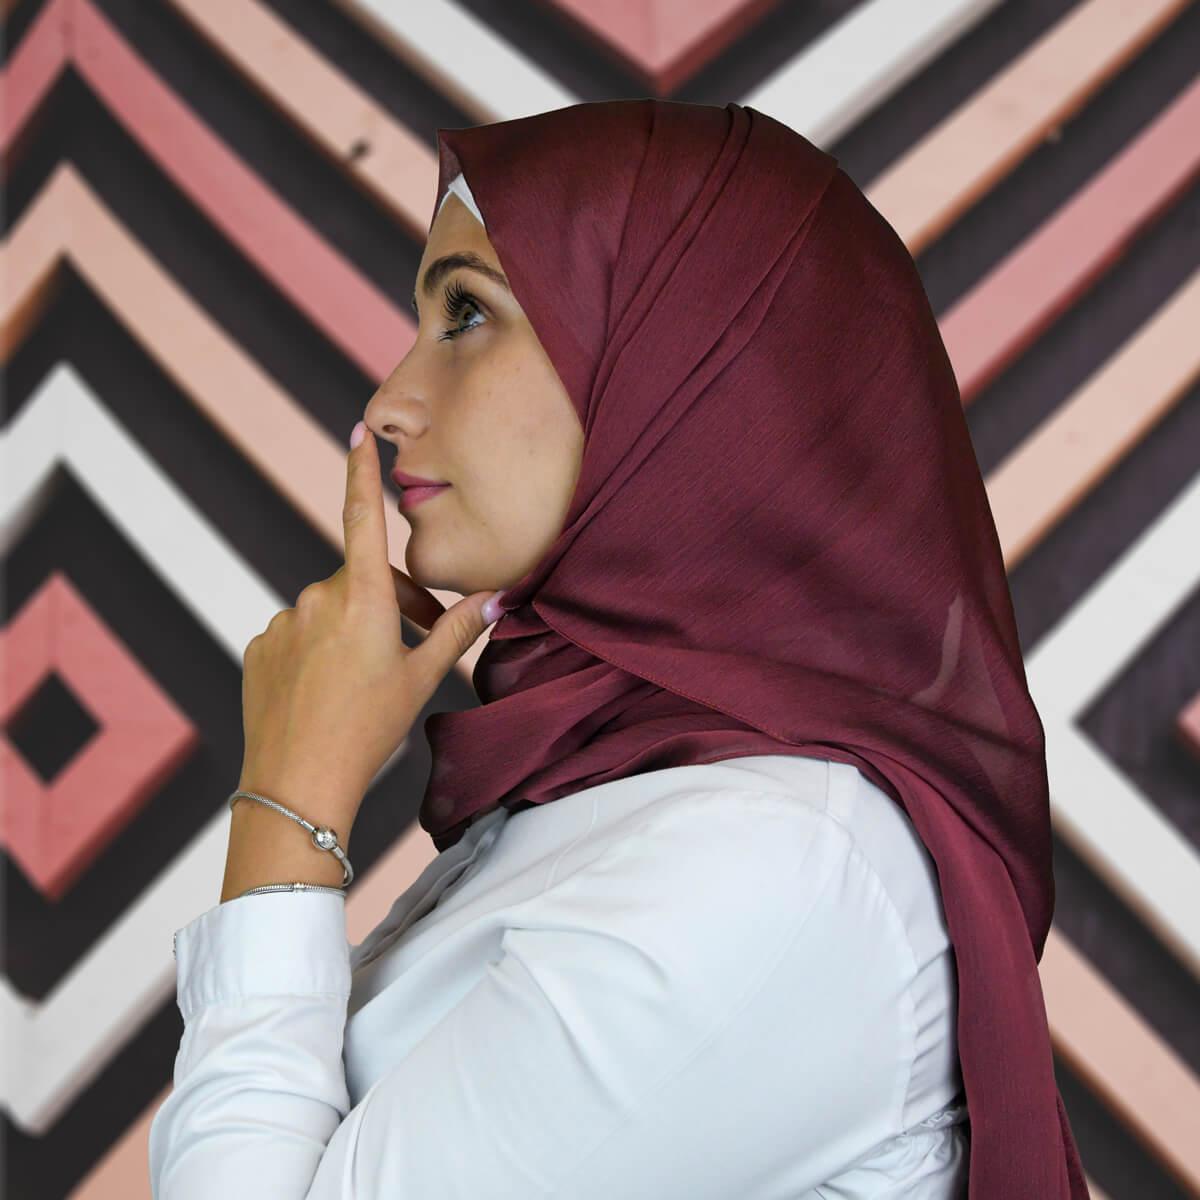 تسوق حجاب اونلاين